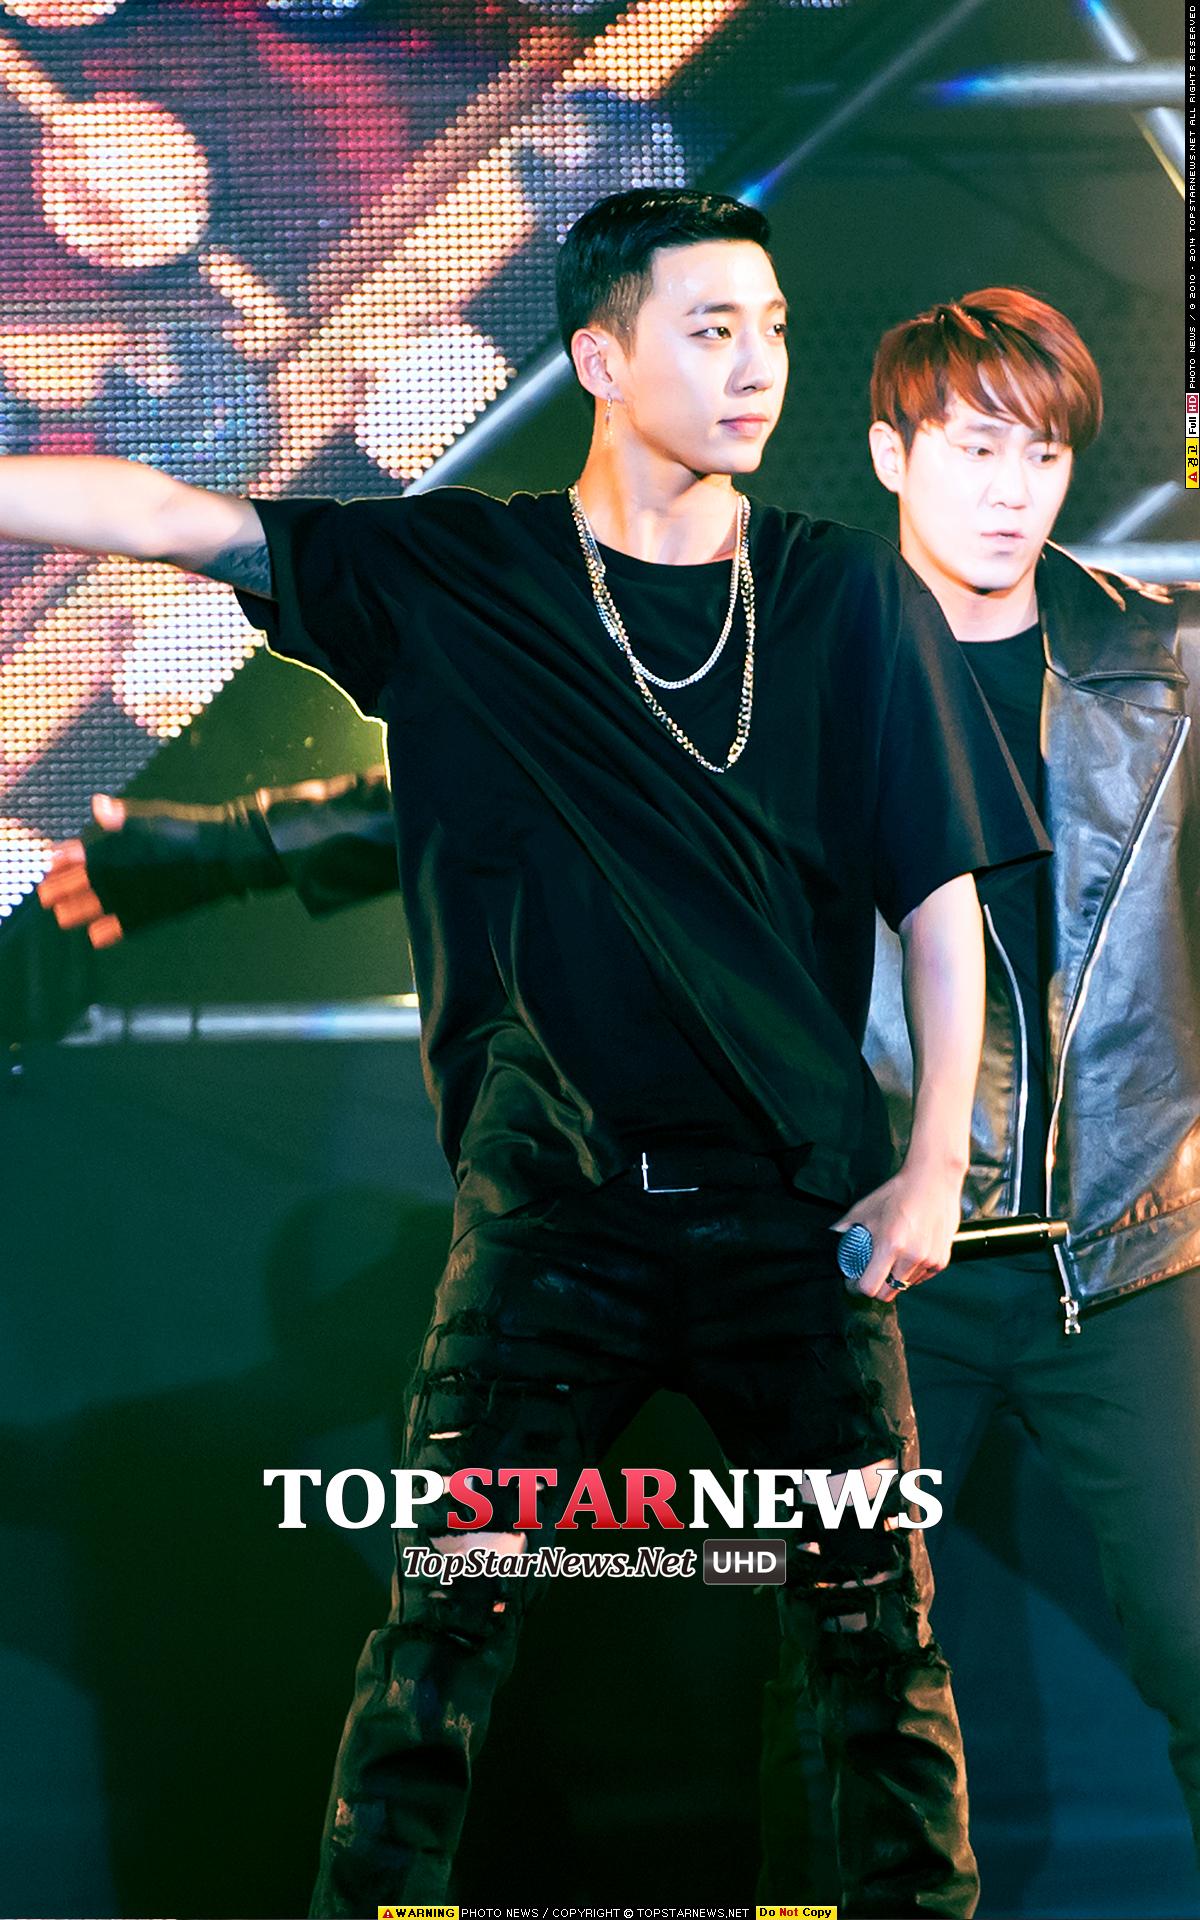 7.B.A.P 方容國 韓國網友真的選了不少野性男!感覺他們的汗水都會是香的(誤)小編也好想被方容國抱喔ㅜ.ㅜ